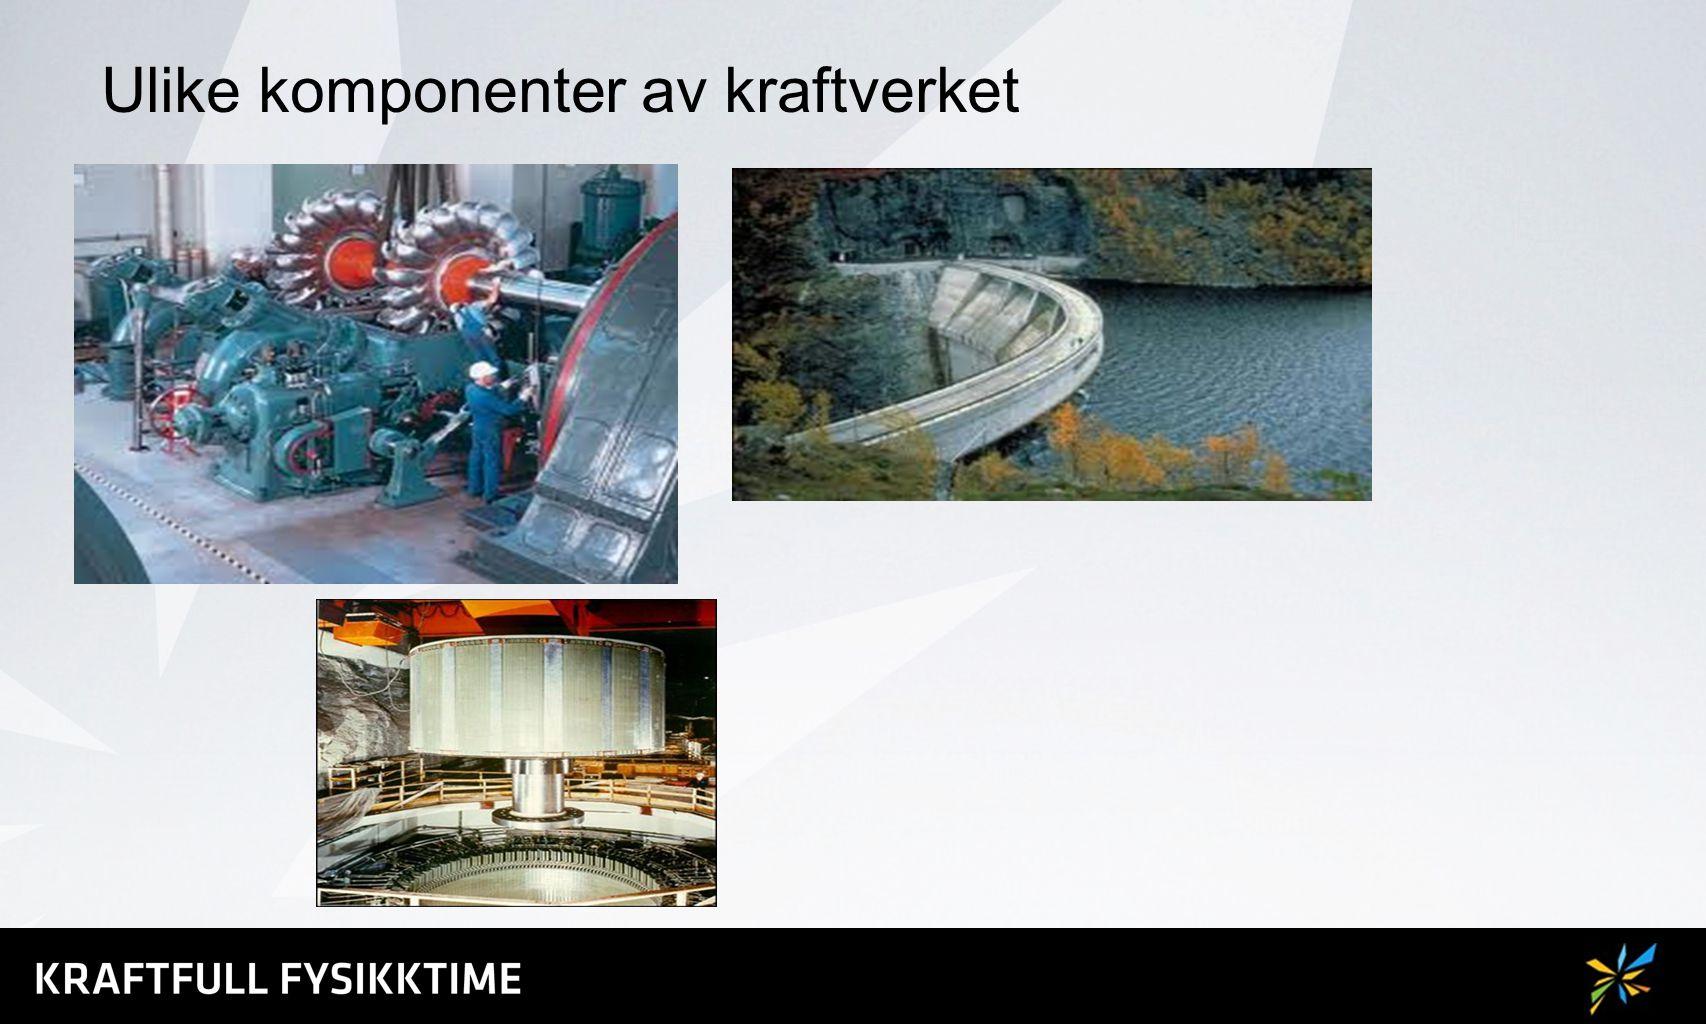 Ulike komponenter av kraftverket